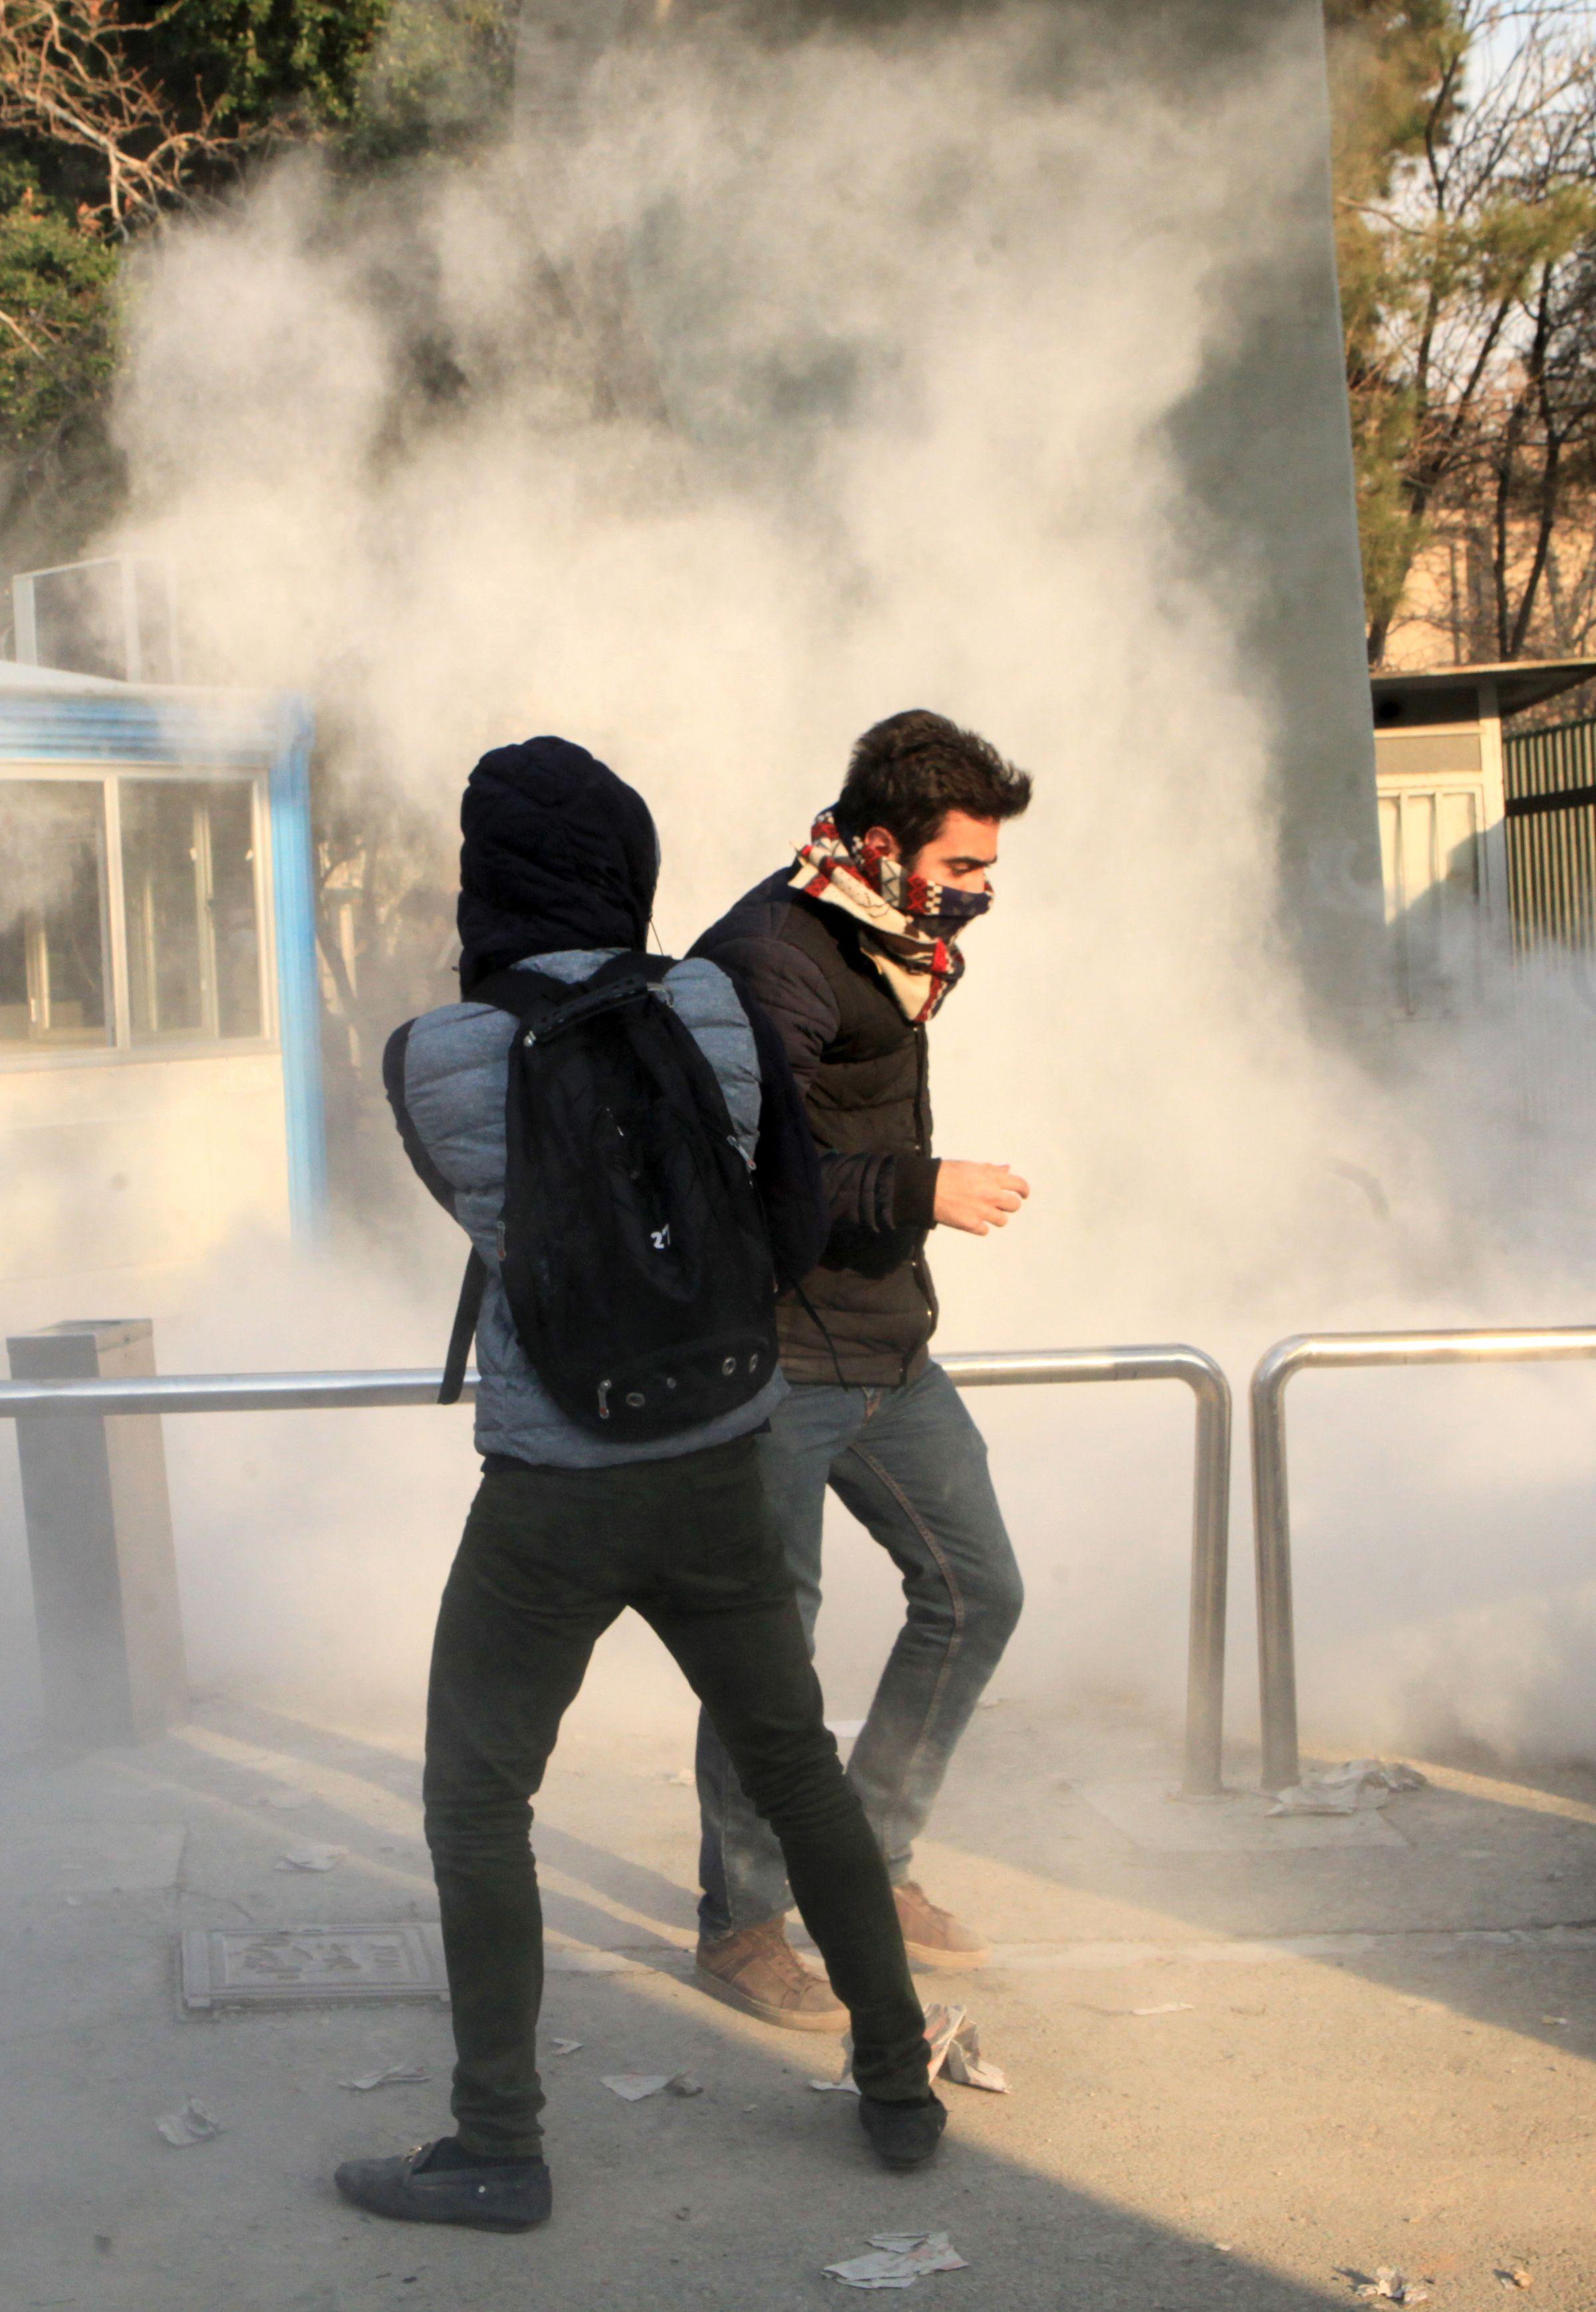 الشرطة الايرانية تطلق الغاز المسيل للدموع على المتظاهرين